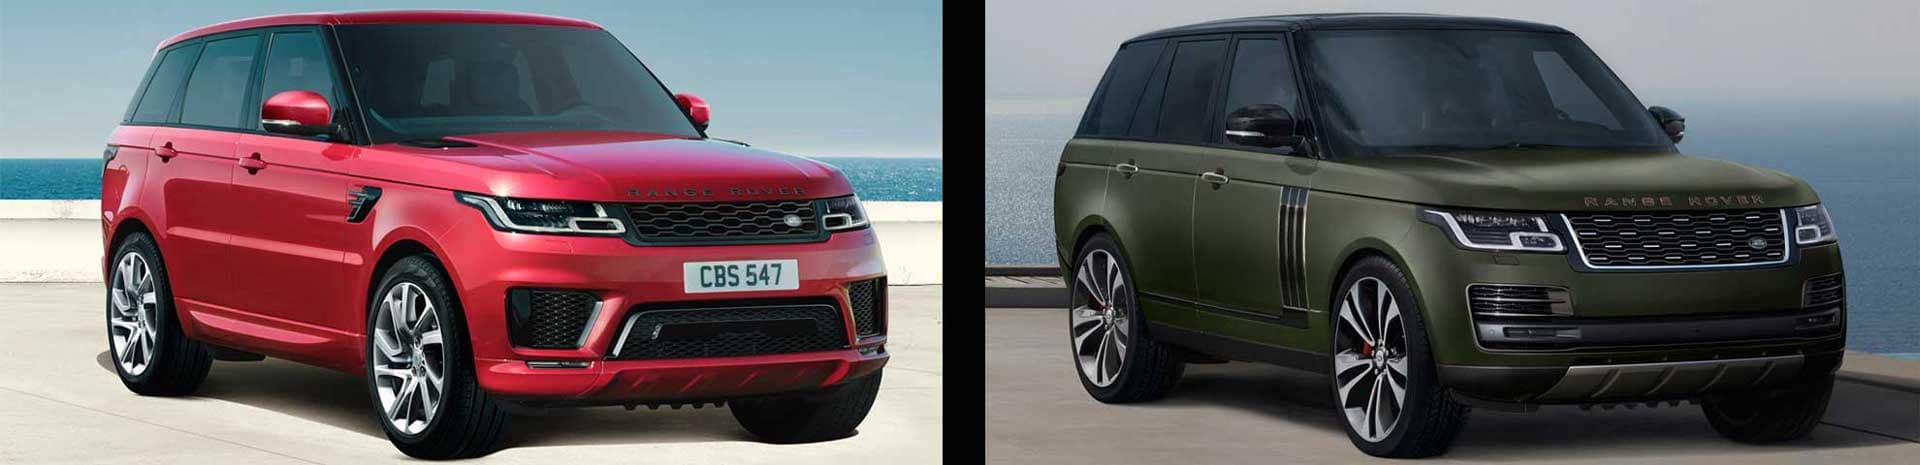 2022 Range Rover vs. Range Rover Sport